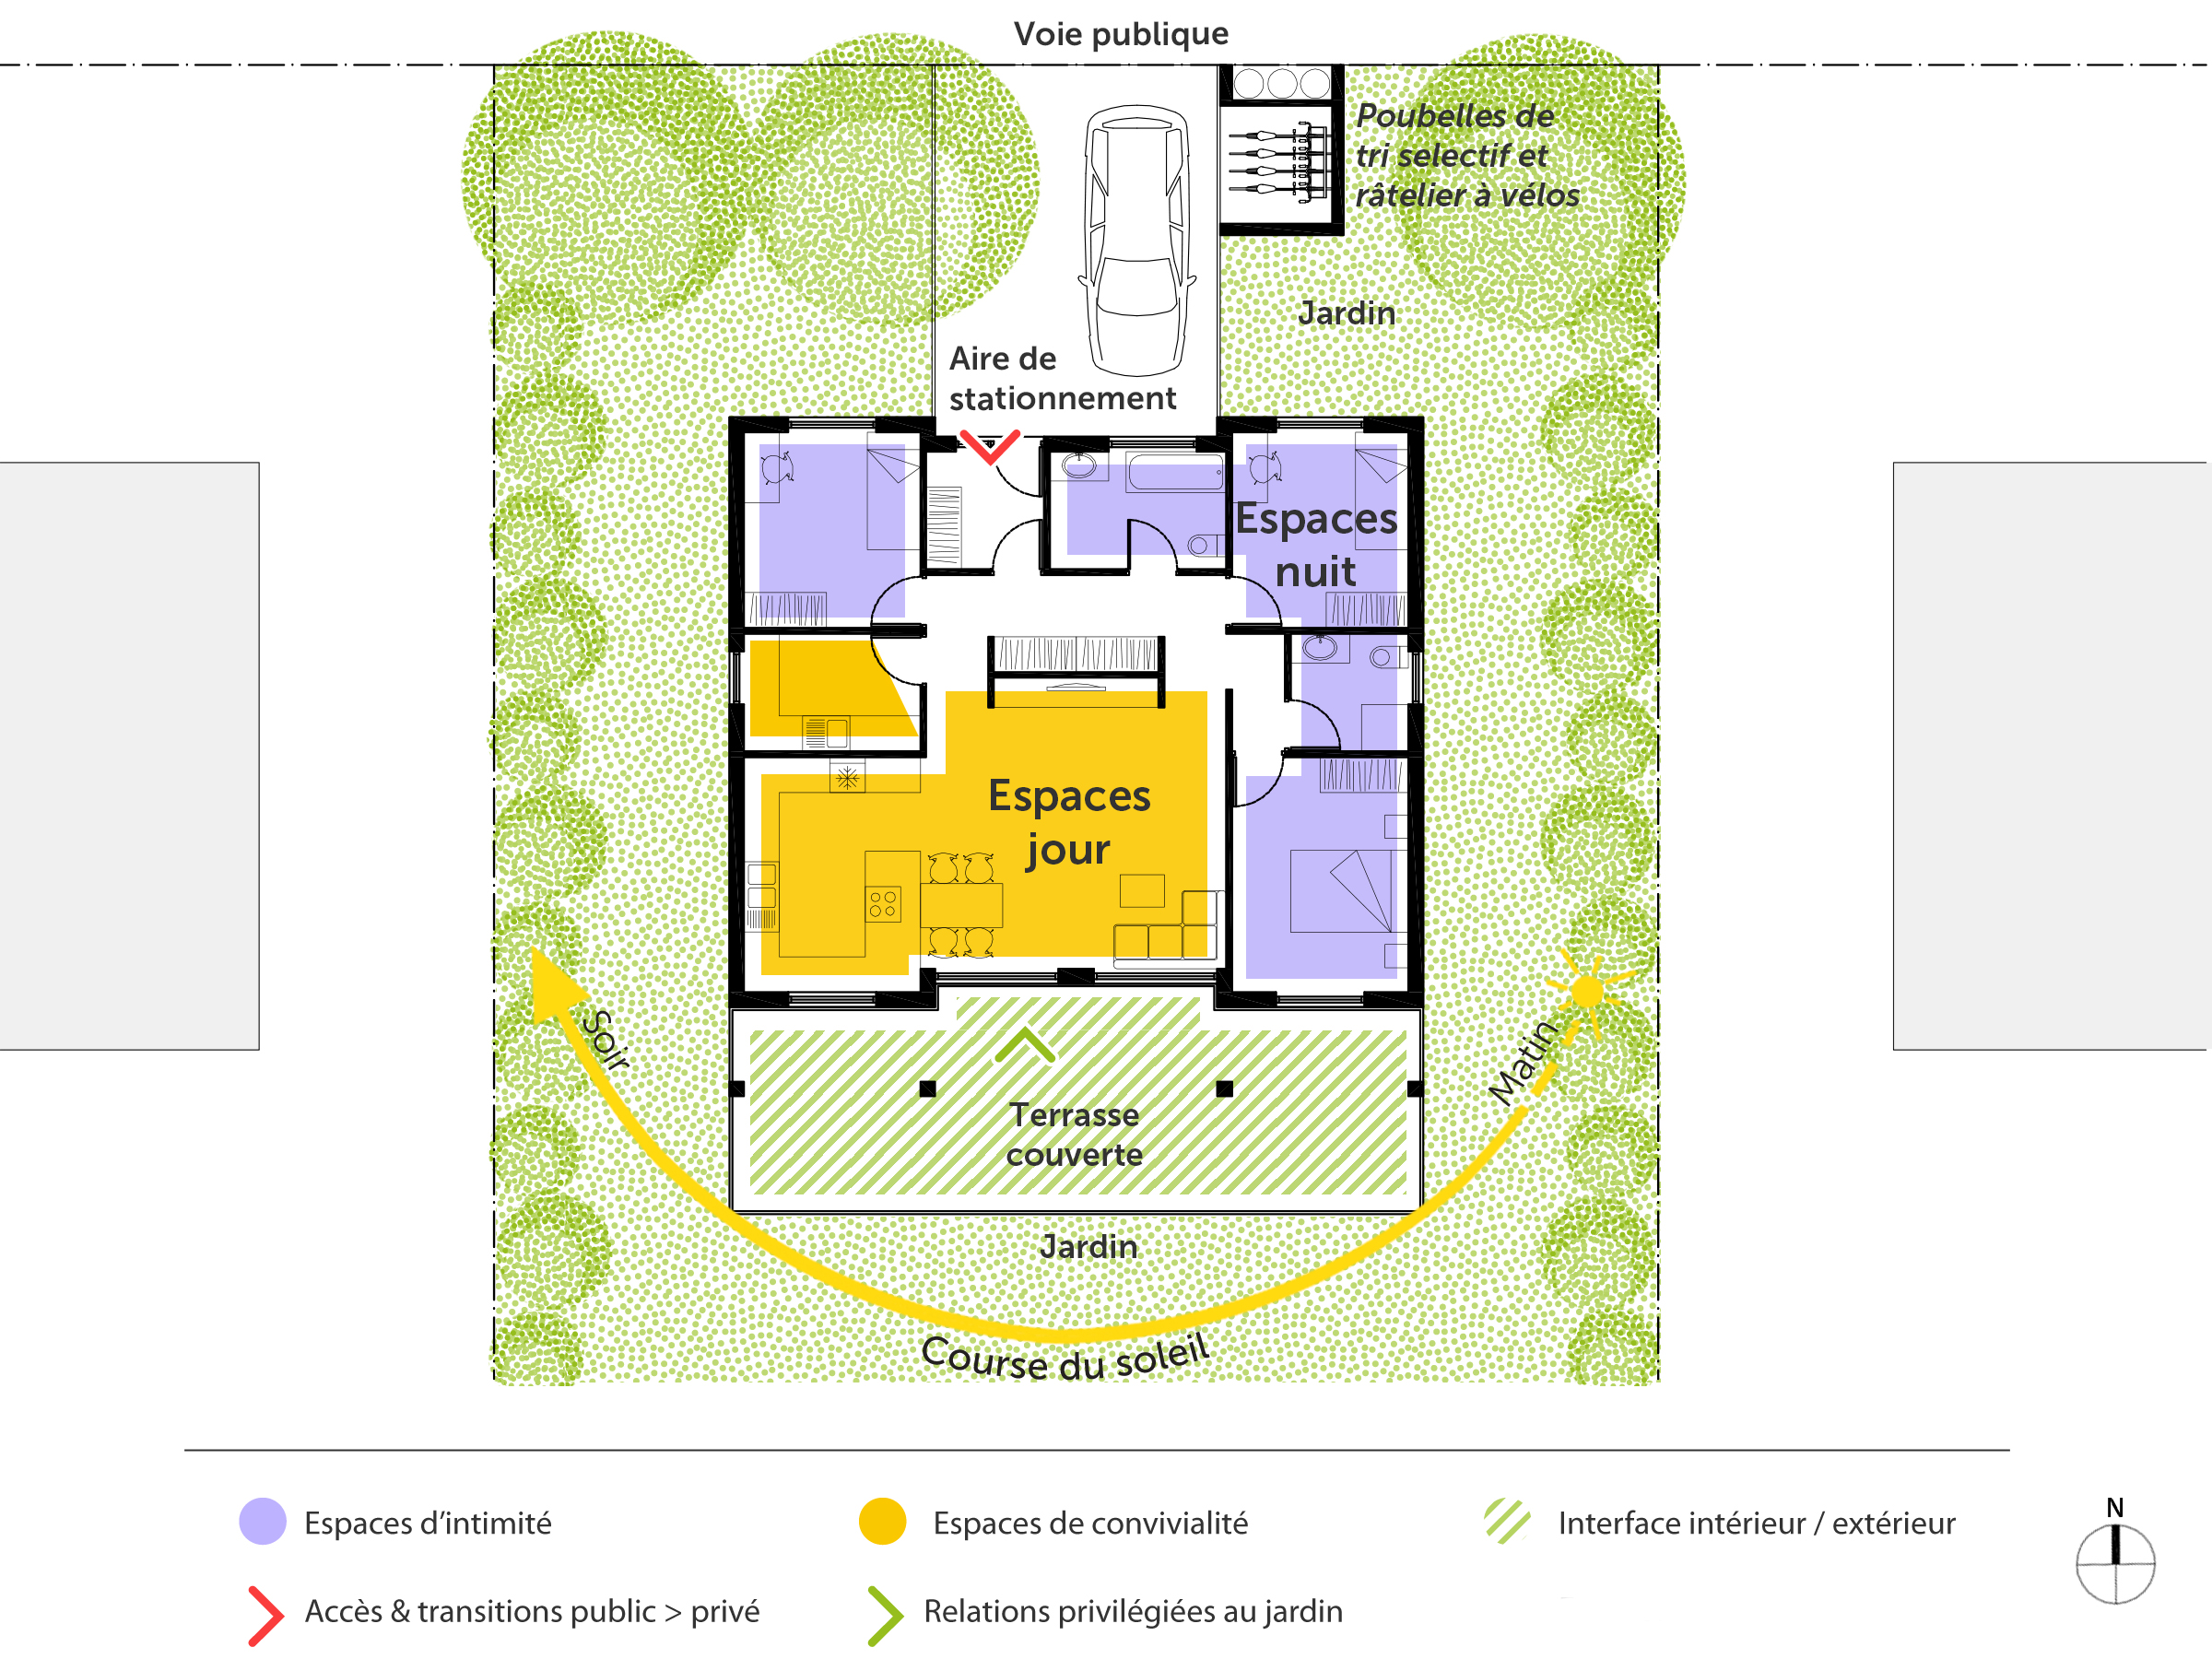 Plan maison cr ole ooreka for Exemple de reglement interieur